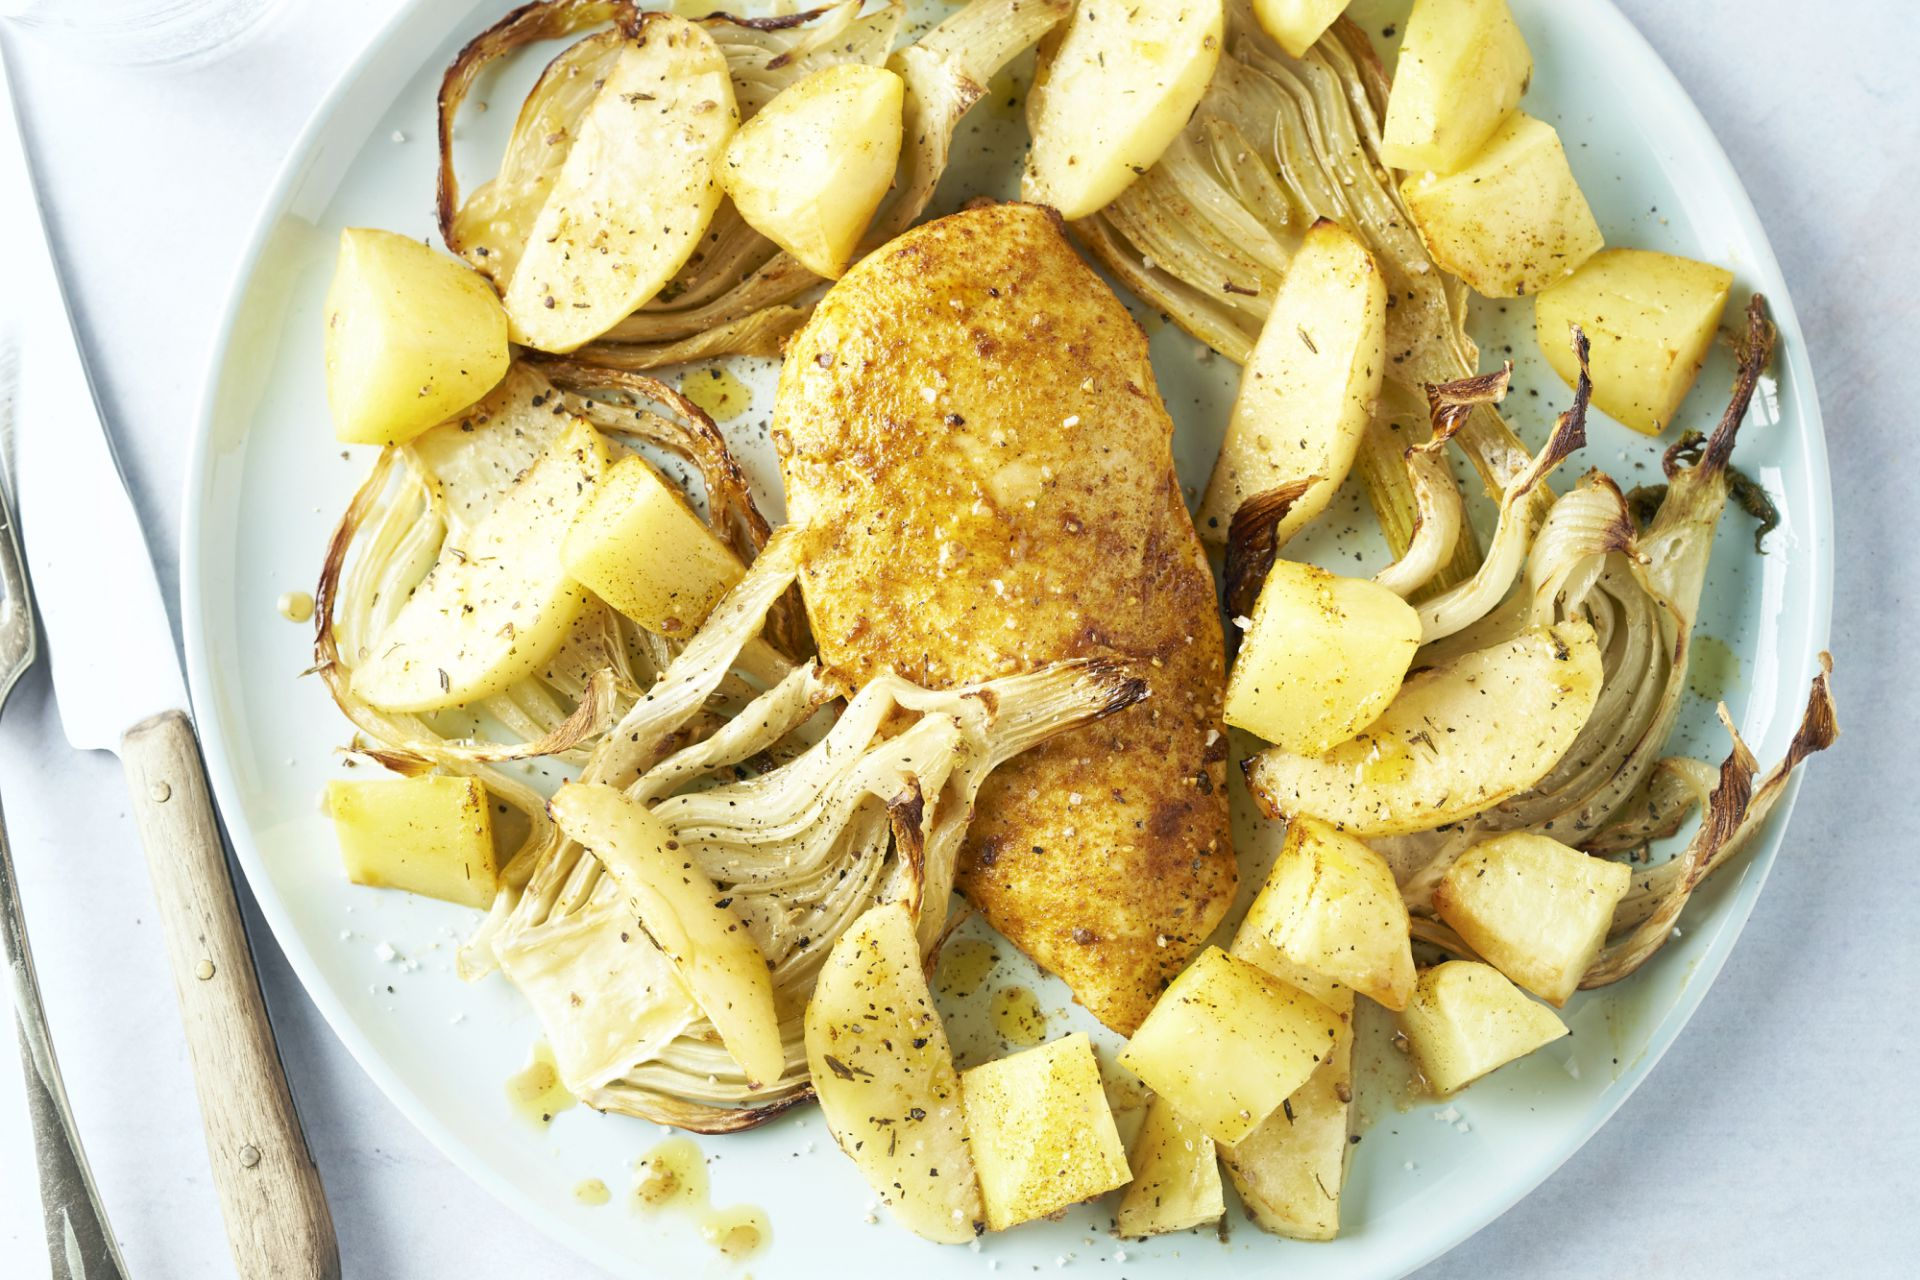 Ovengeroosterde kipfilet met appel en venkel